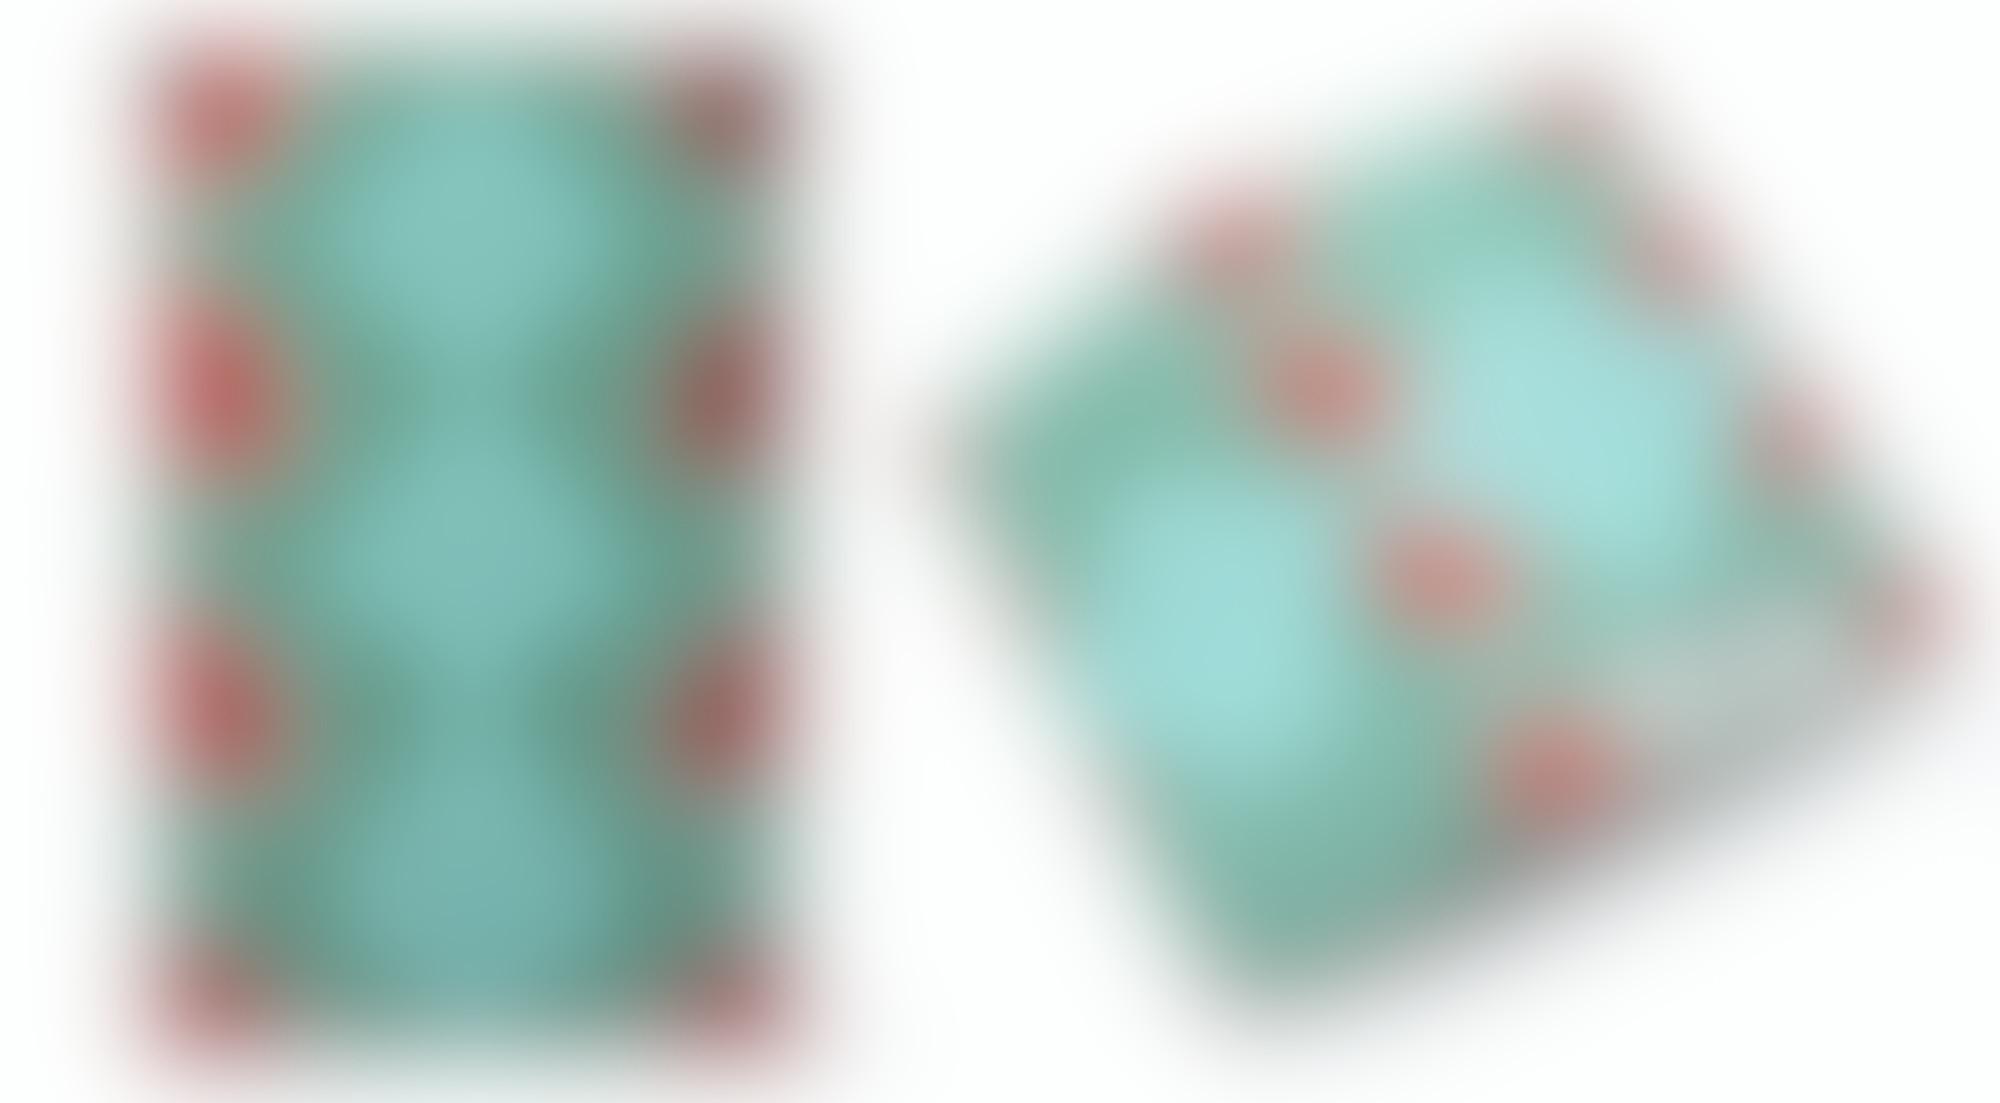 YT3 autocompressfitresizeixlibphp 1 1 0max h2000max w3 D2000q80s1a4da4dcc81d10b06f21e1eb13a962cf